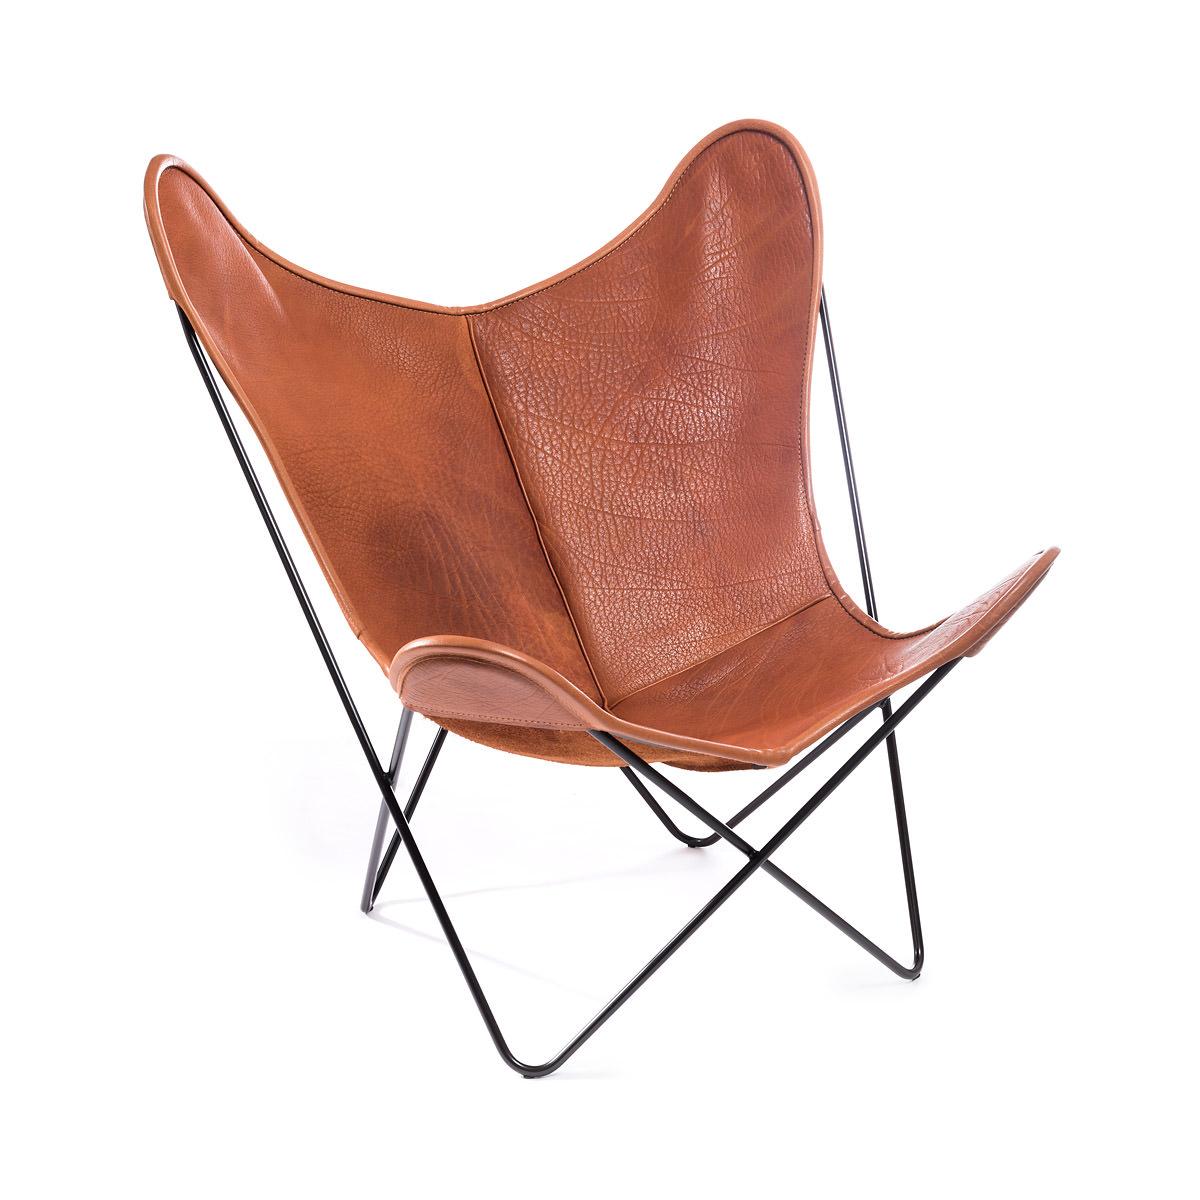 sessel hardoy butterfly bio b ffelleder. Black Bedroom Furniture Sets. Home Design Ideas